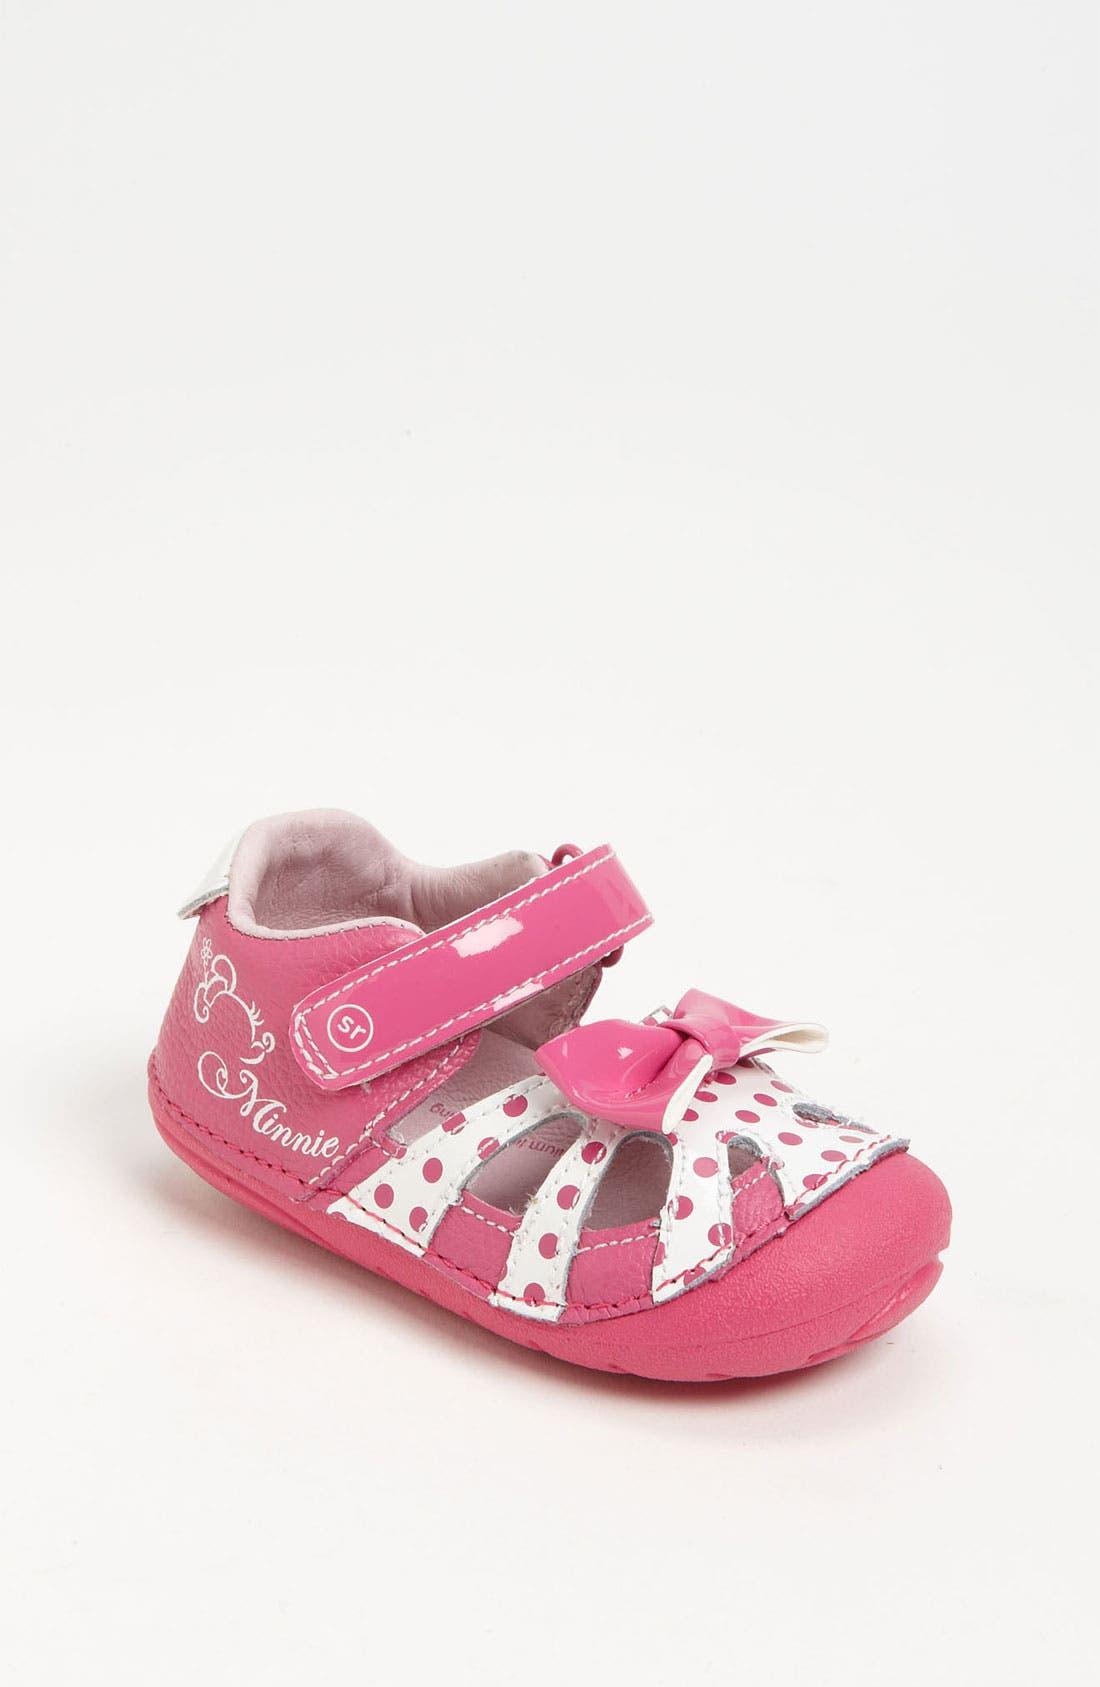 Alternate Image 1 Selected - Stride Rite 'Minnie' Sandal (Baby & Walker)